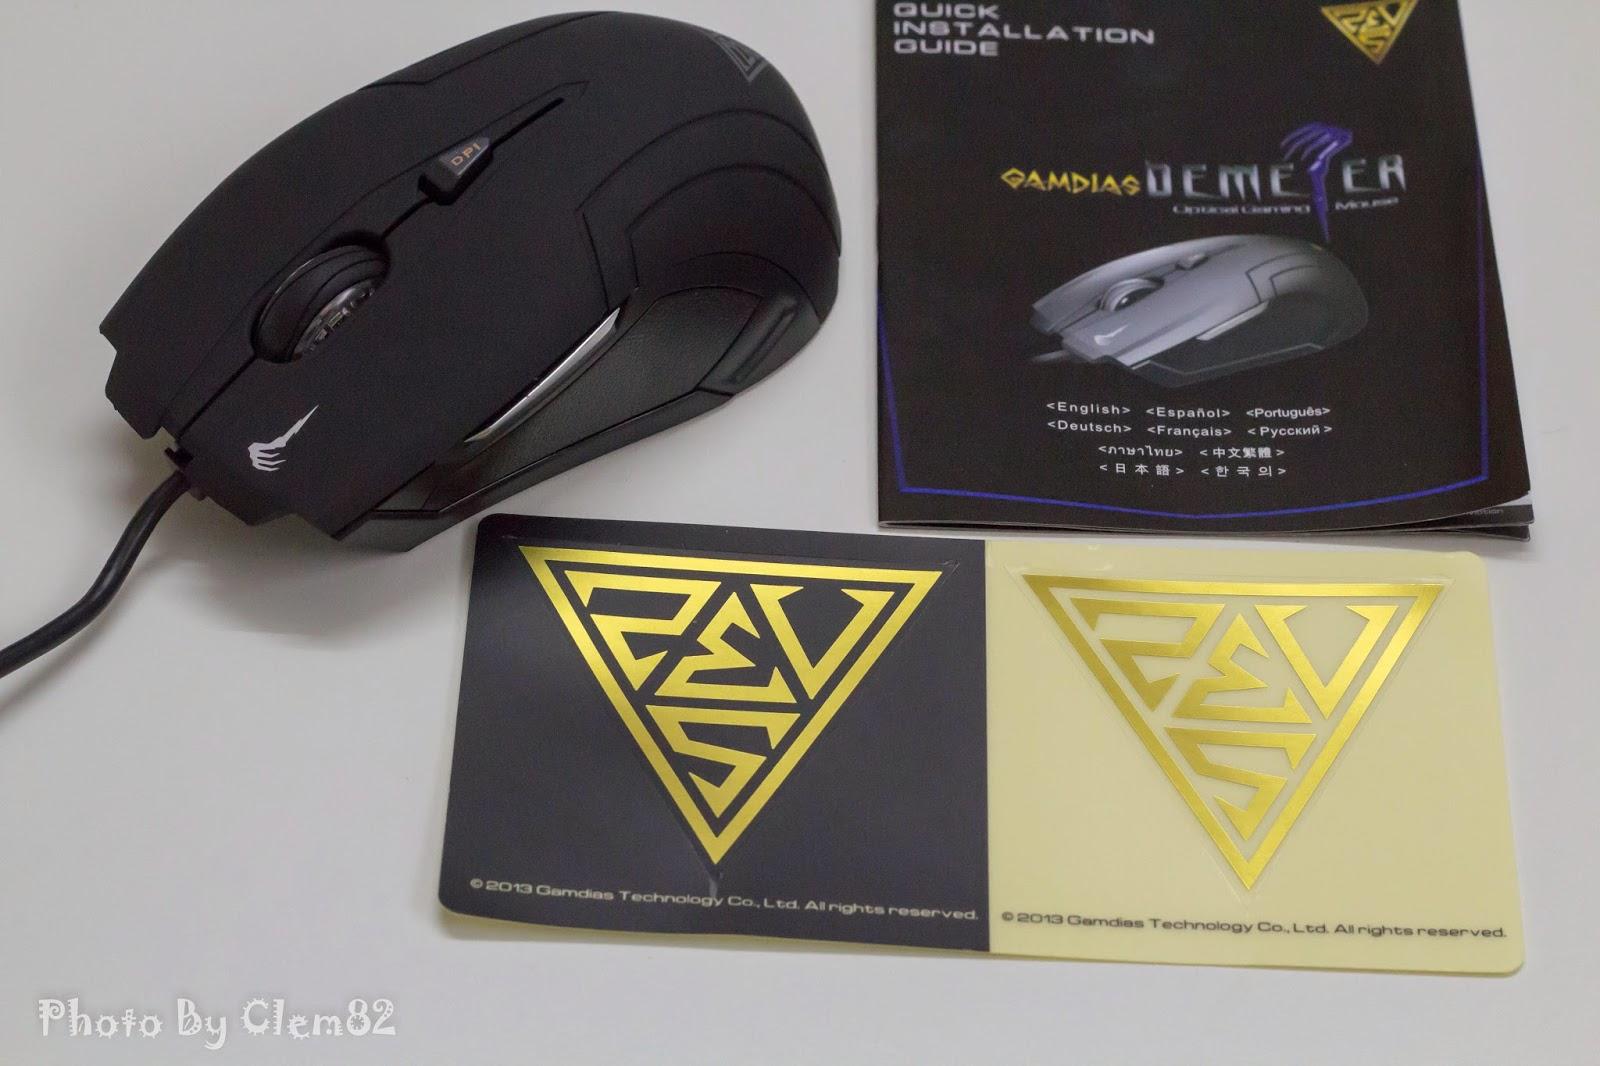 Gamdias Demeter Optical Gaming Mouse 3